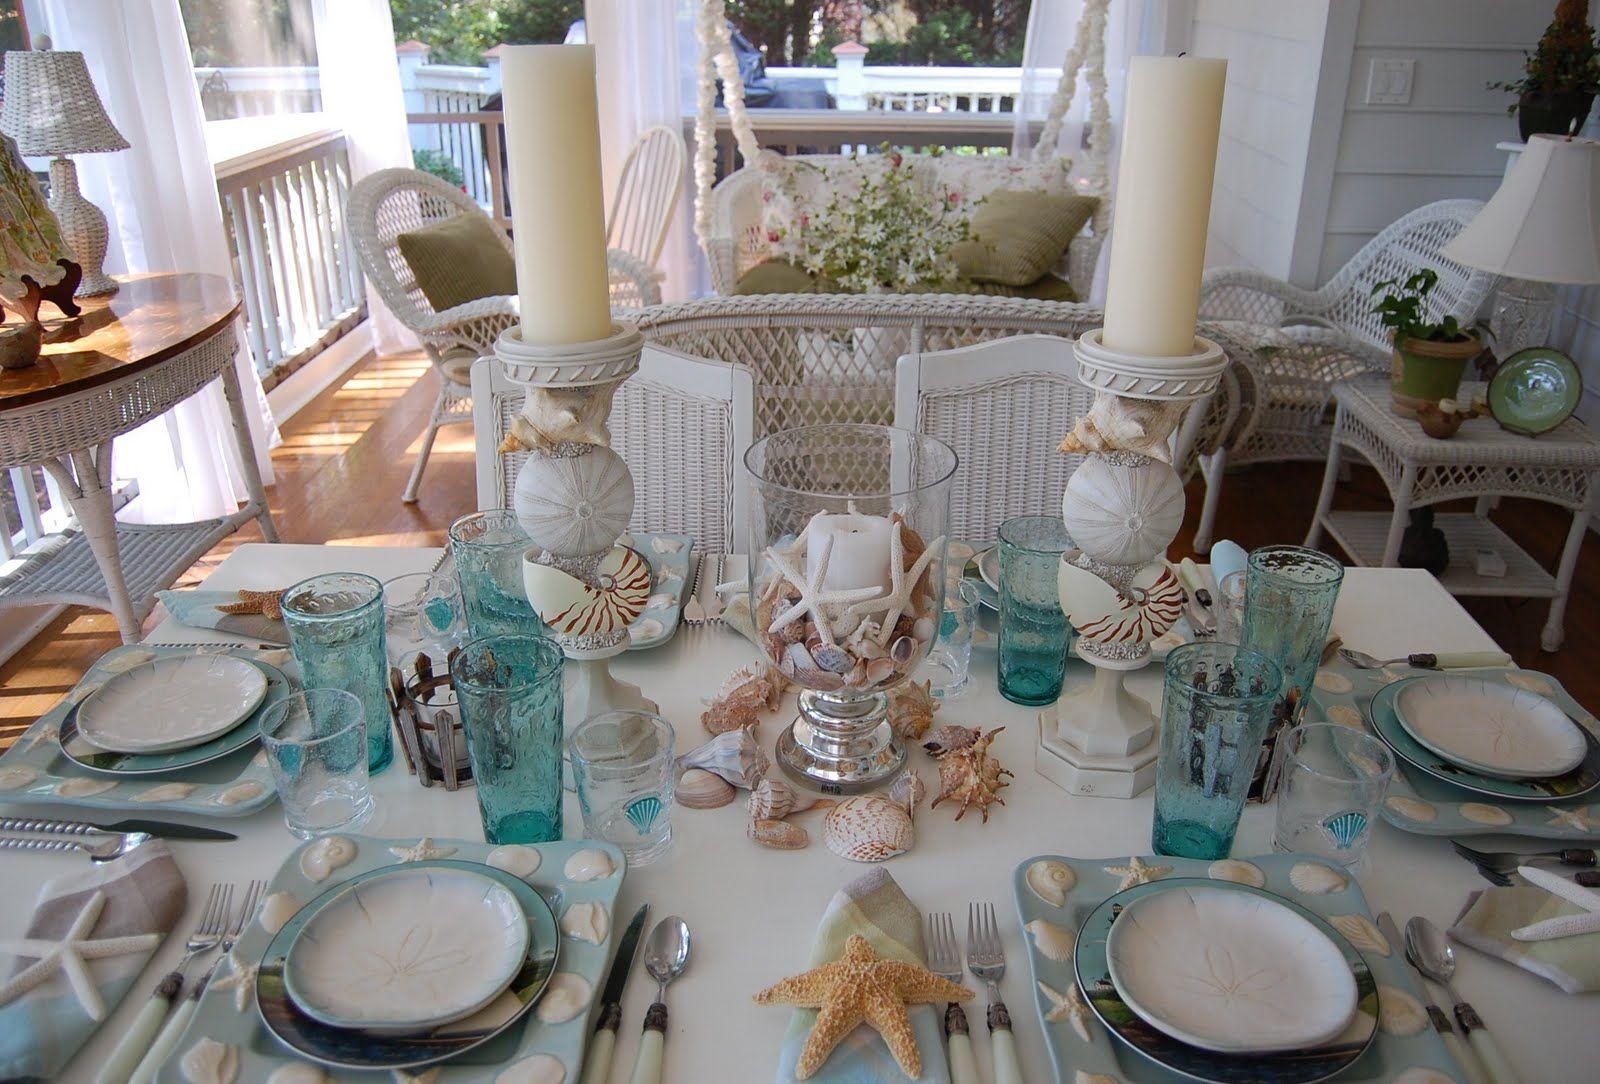 Beach Theme Dinnerware Sets | Beach Themed Table Setting Tablescape & A Beach Escape | Dinnerware Beach and Coastal